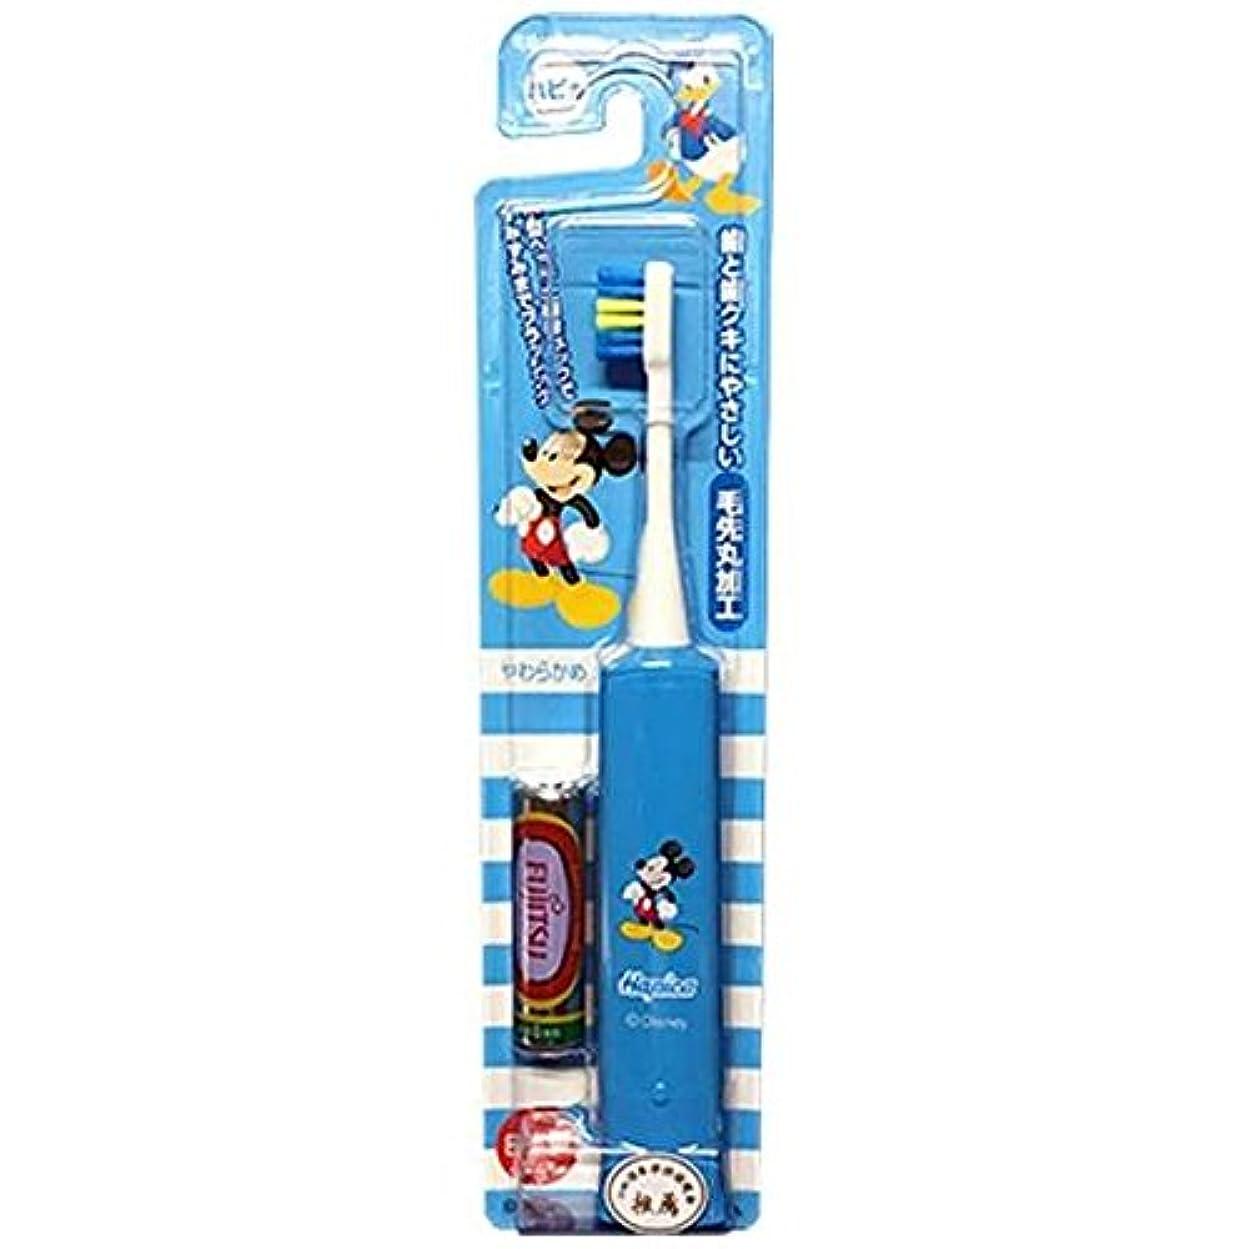 雇用退化するハッピーミニマム 電動付歯ブラシ こどもハピカ ミッキー(ブルー) 毛の硬さ:やわらかめ DBK-5B(MK)